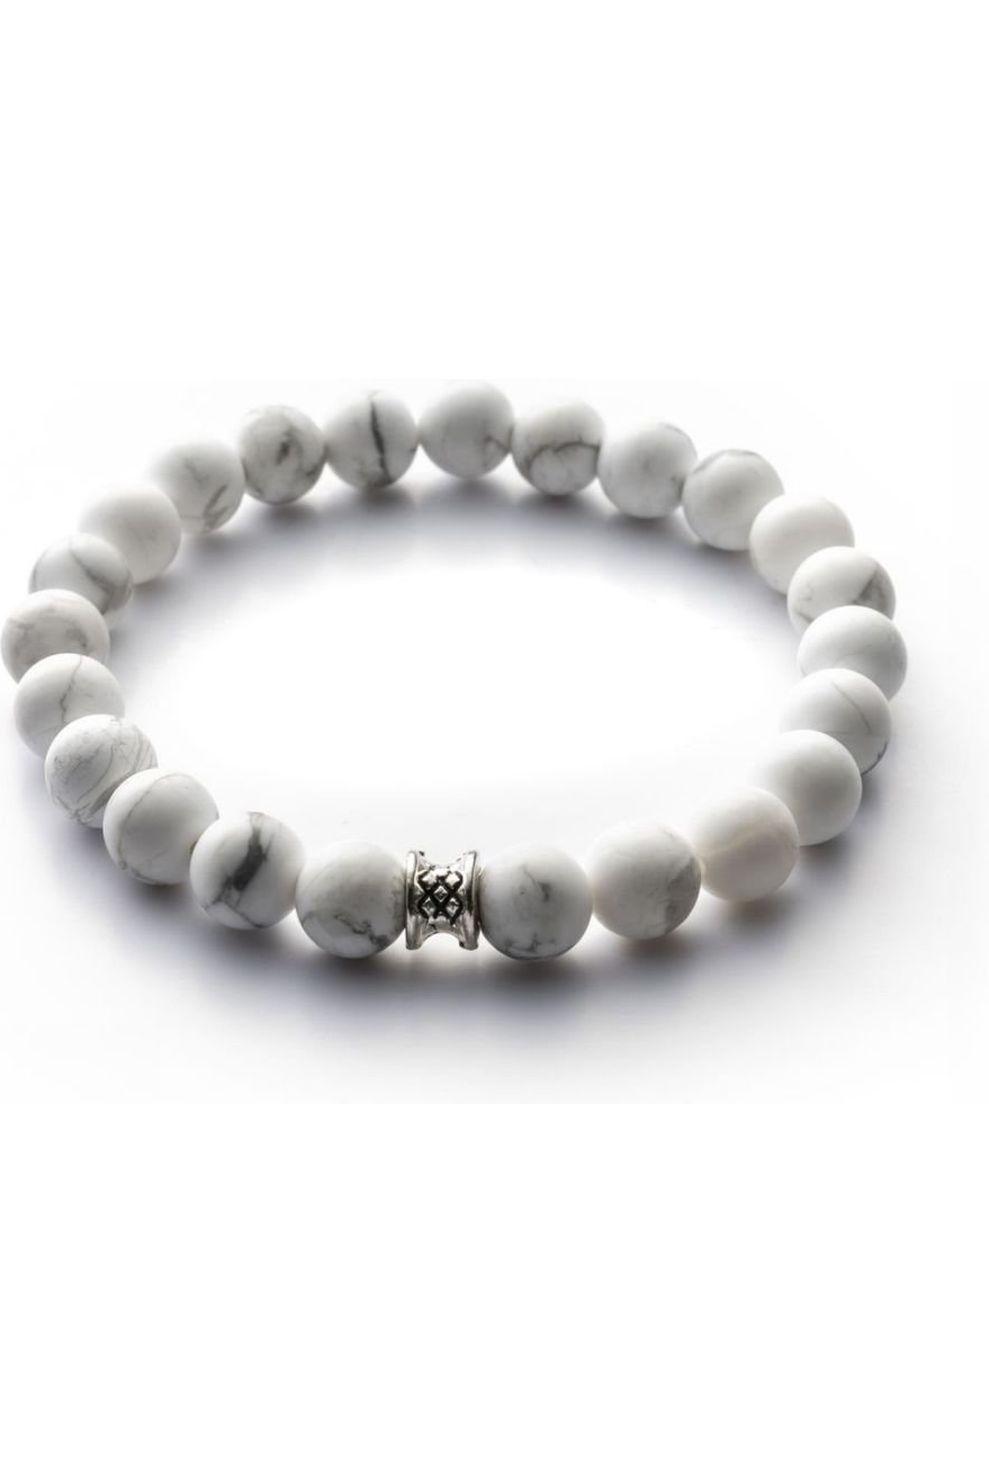 Gemini Armband B14 voor heren Wit Maten: S, M